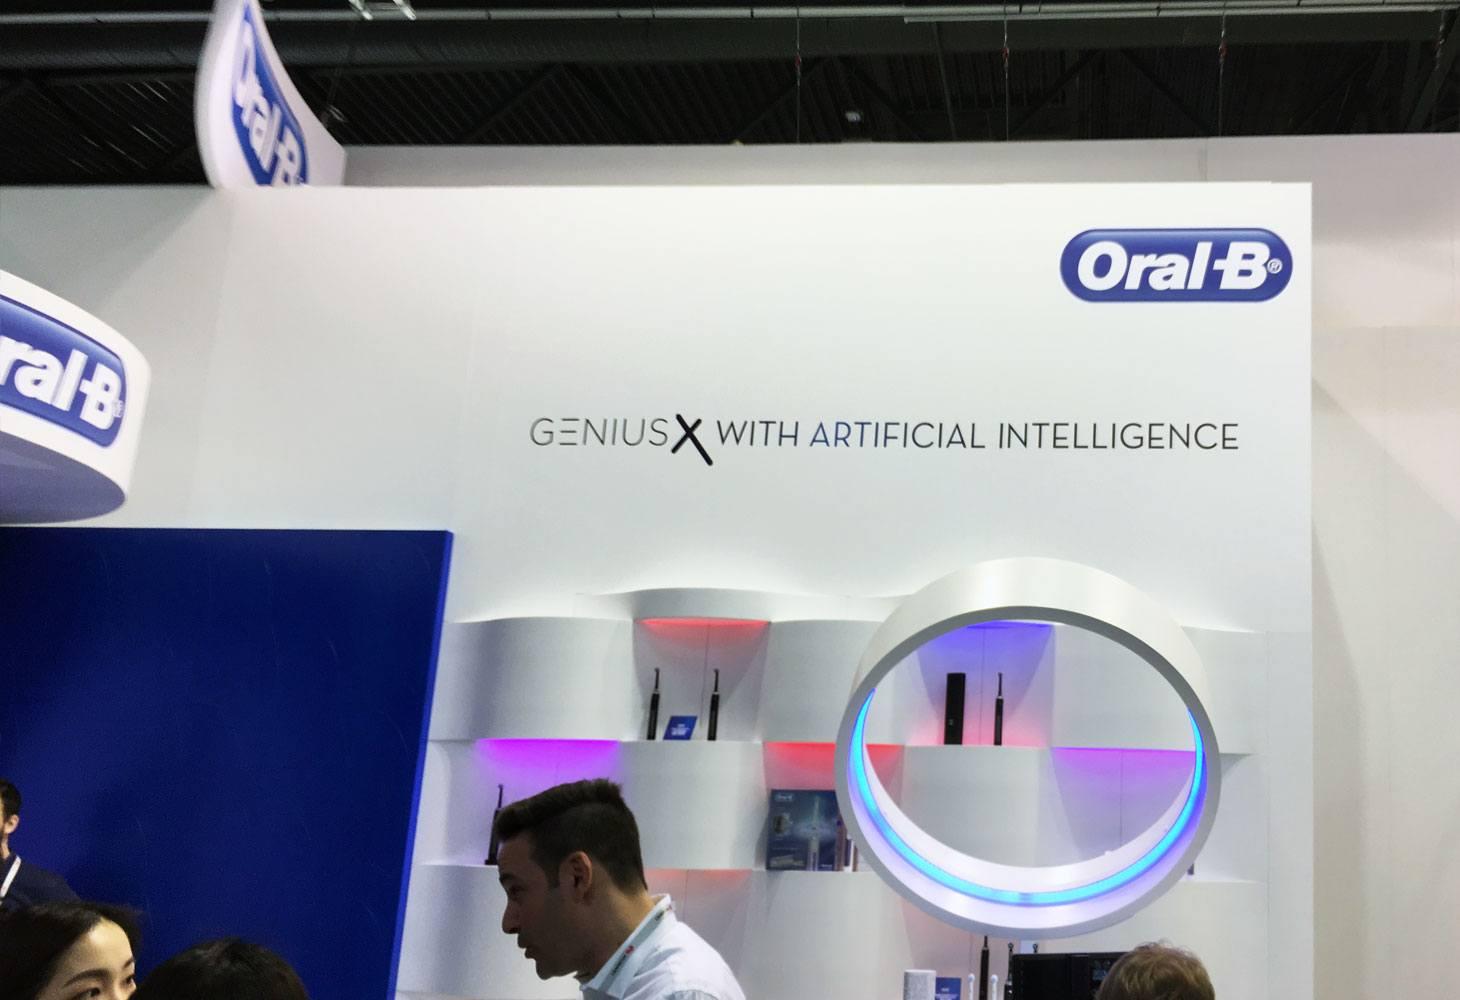 Oral-B präsentiert seine Zahnbürste Genius X with Artificial Intelligence auf dem Mobile World Congress 2019